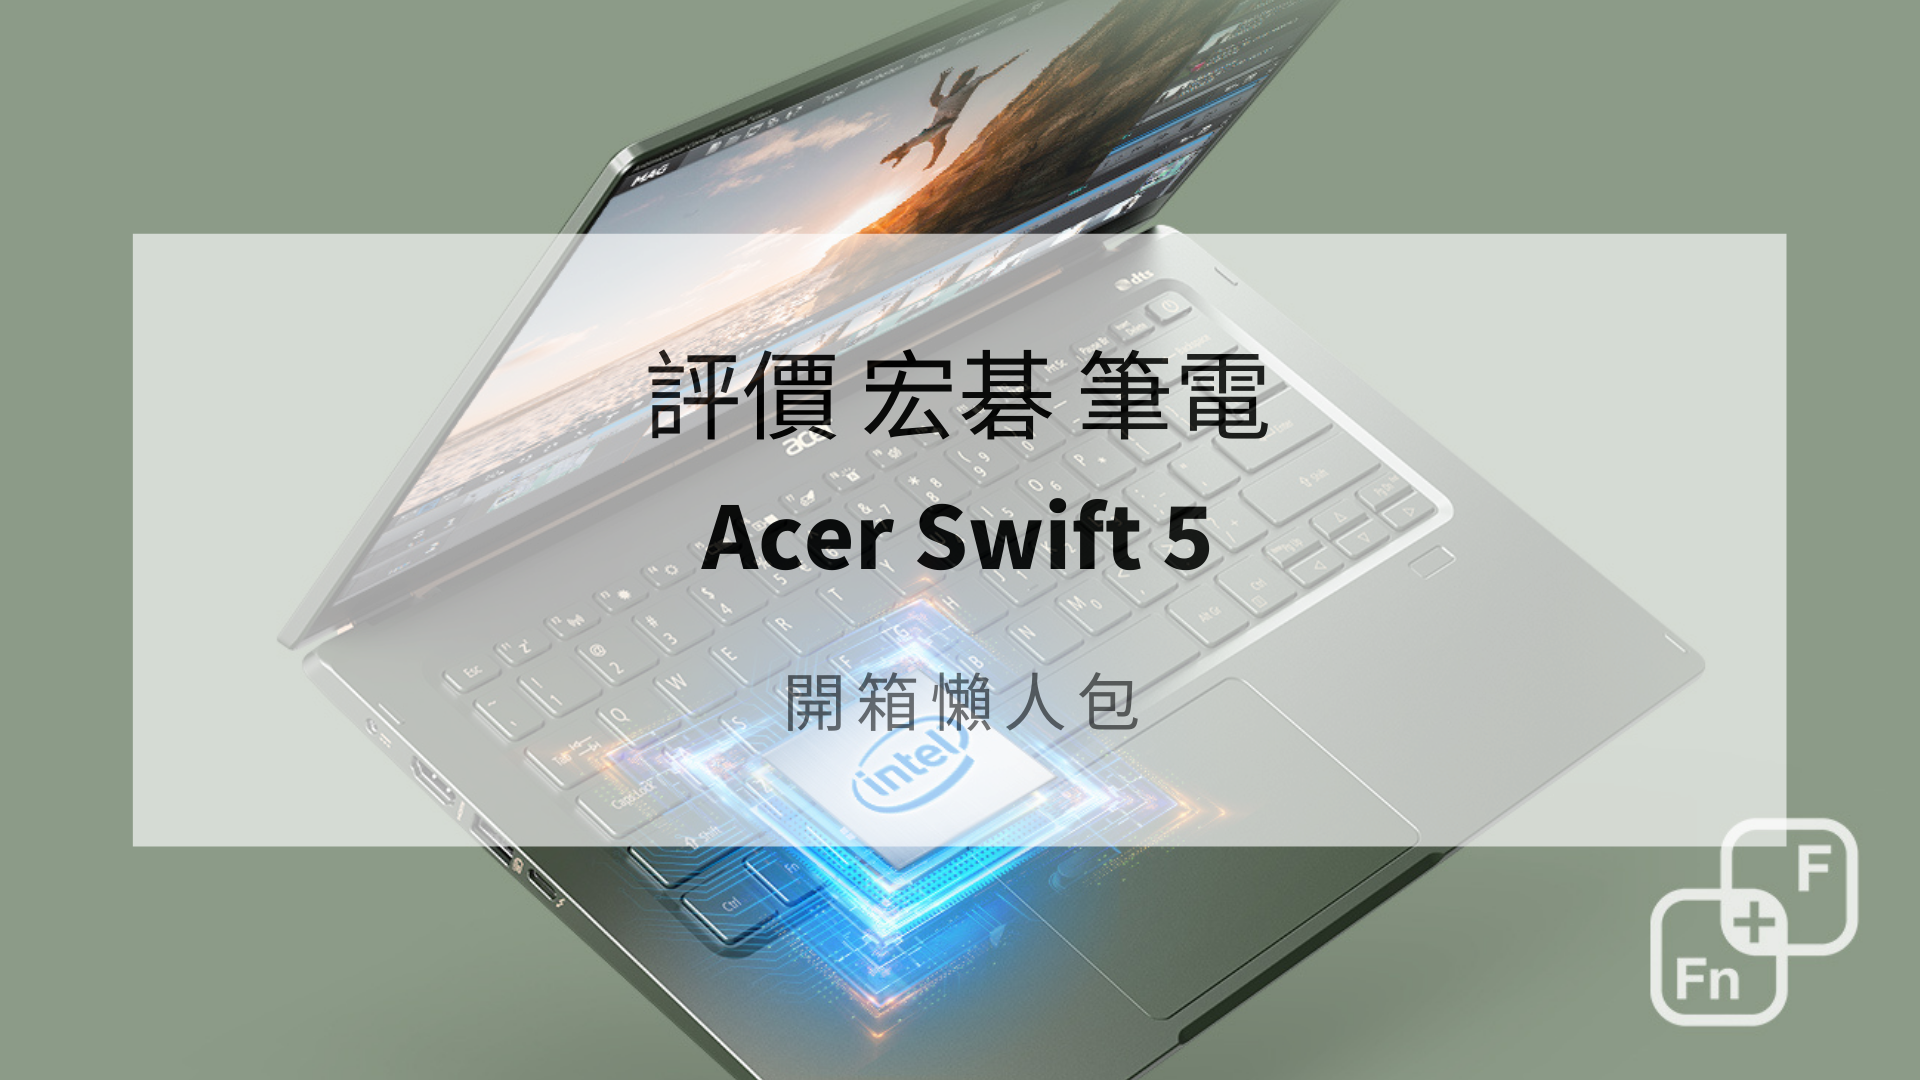 acer swift 5 評價